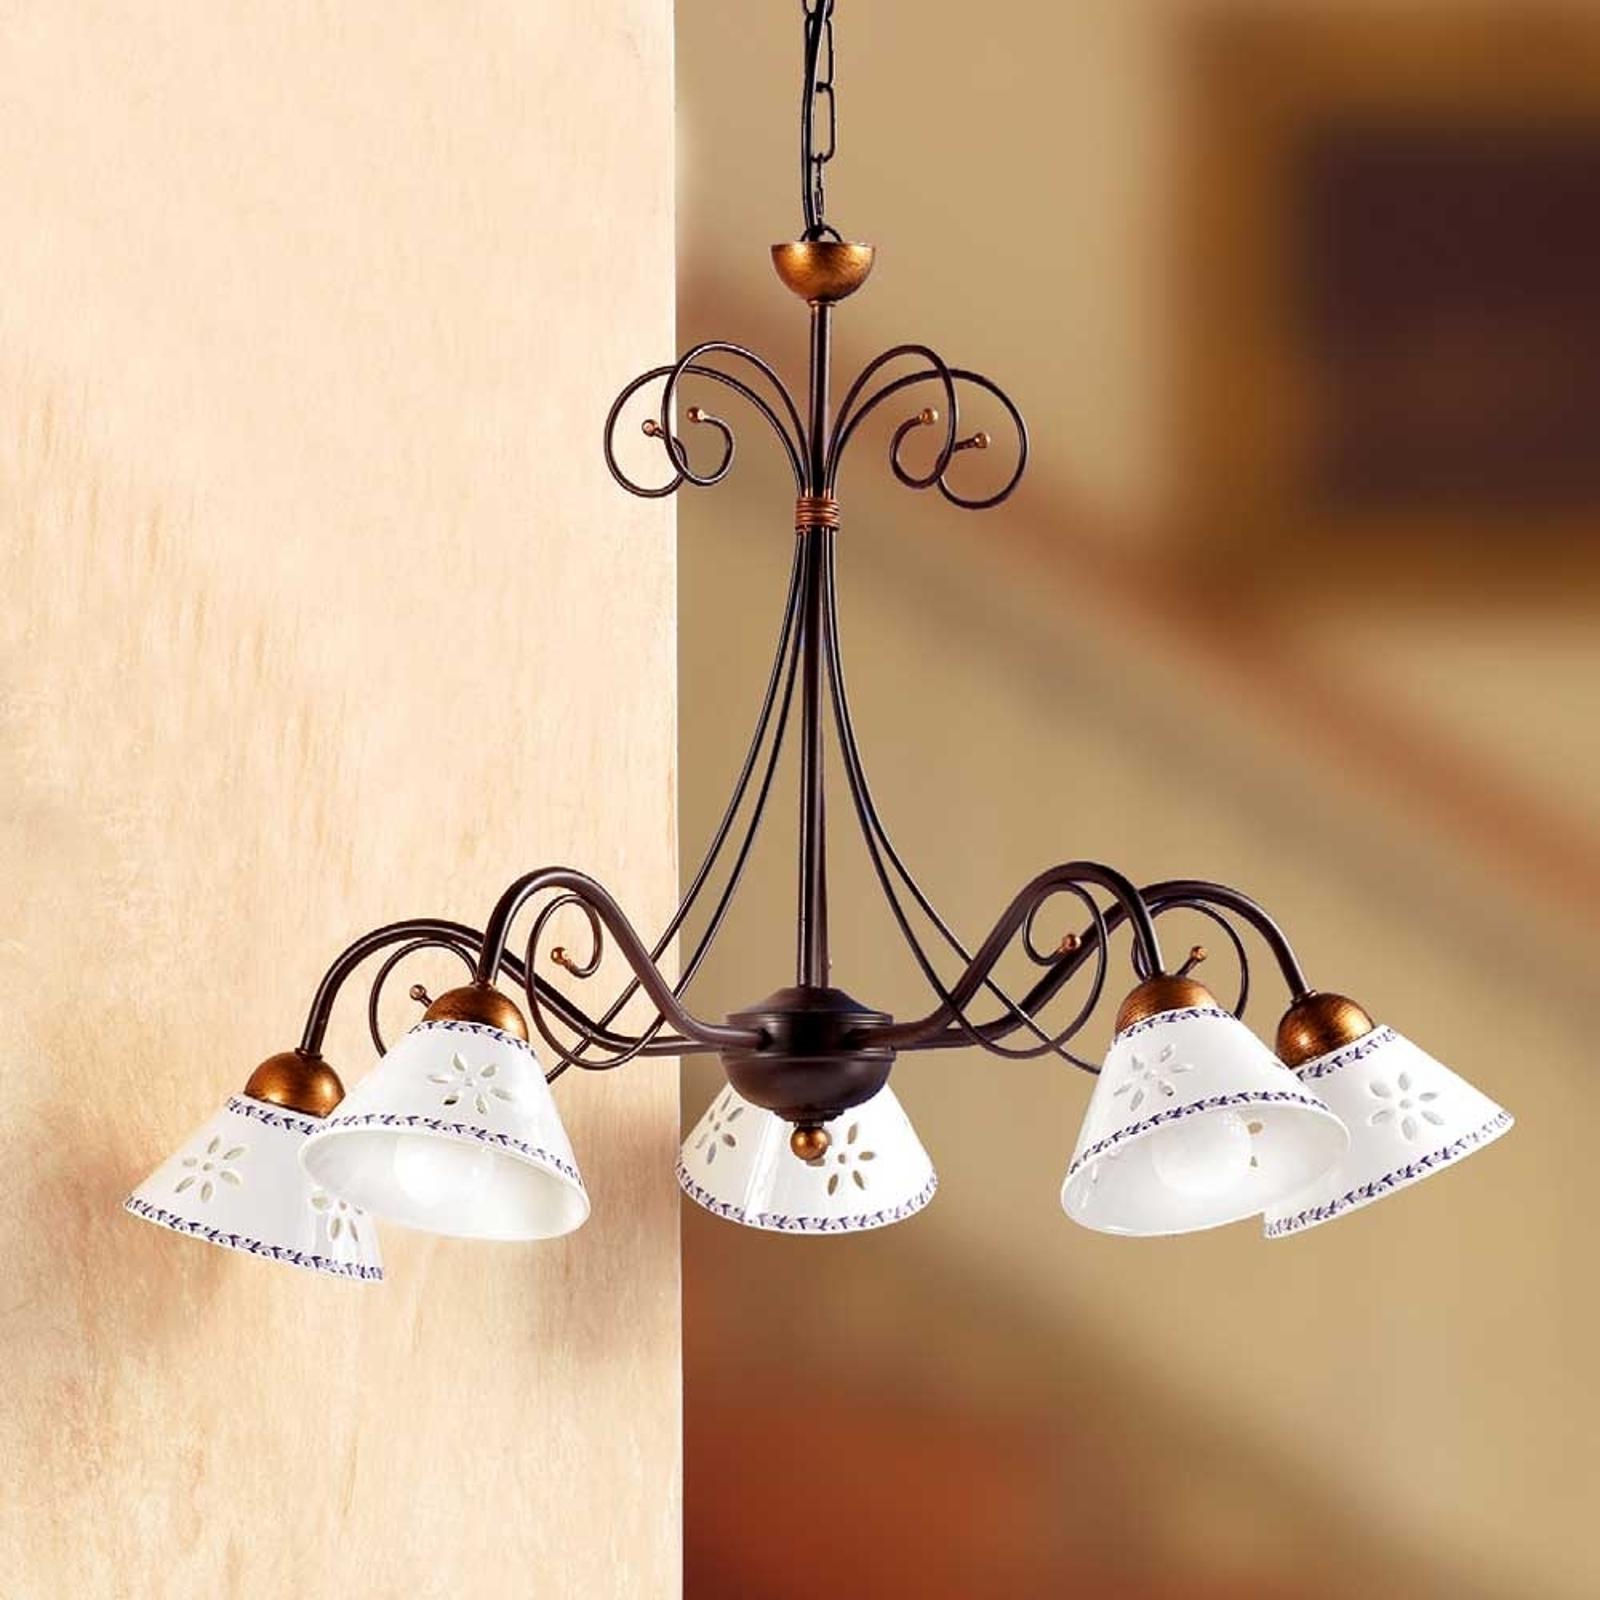 Romantisk hængelampe LIBERTY, med 5 lyskilder